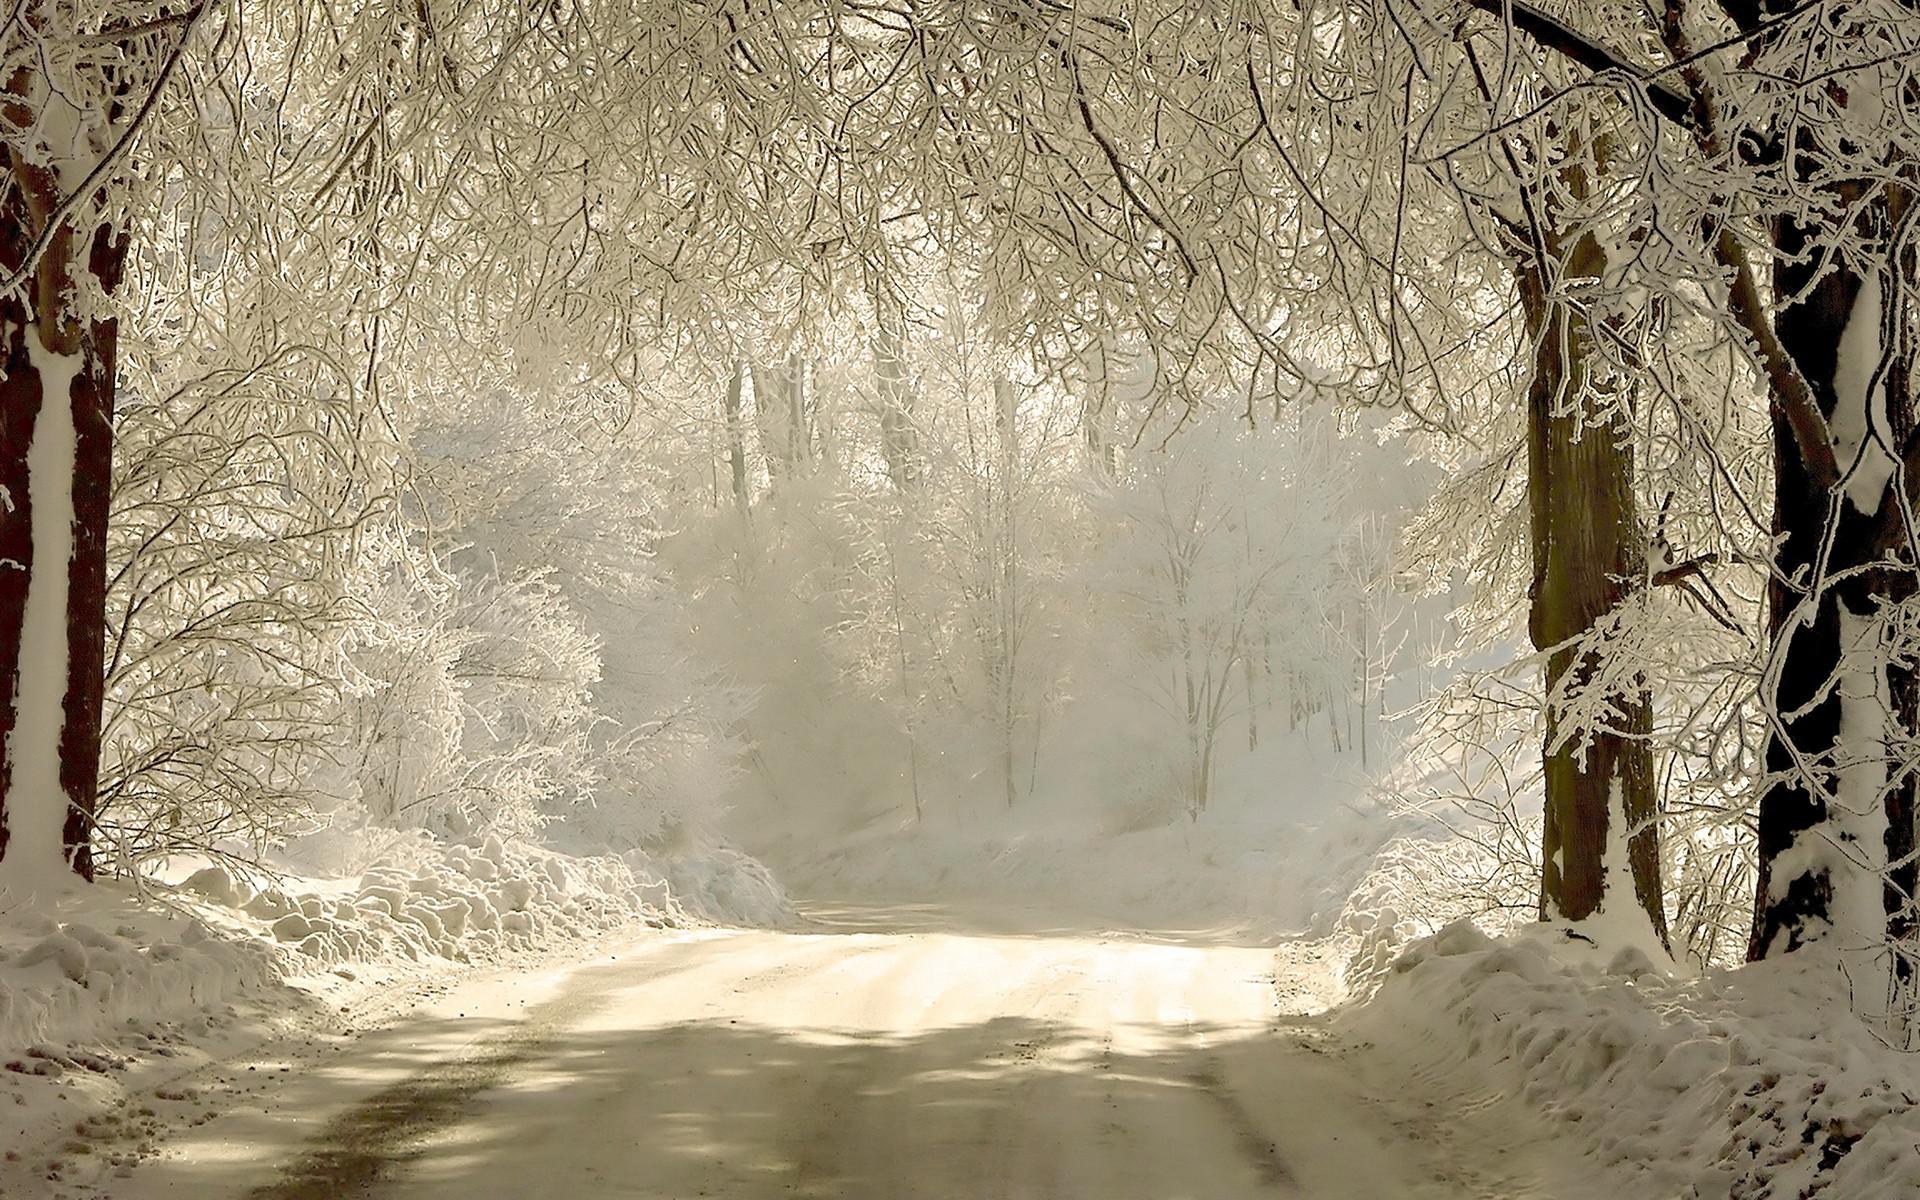 Sfondi invernali 76 immagini for Sfondi paesaggi invernali per desktop